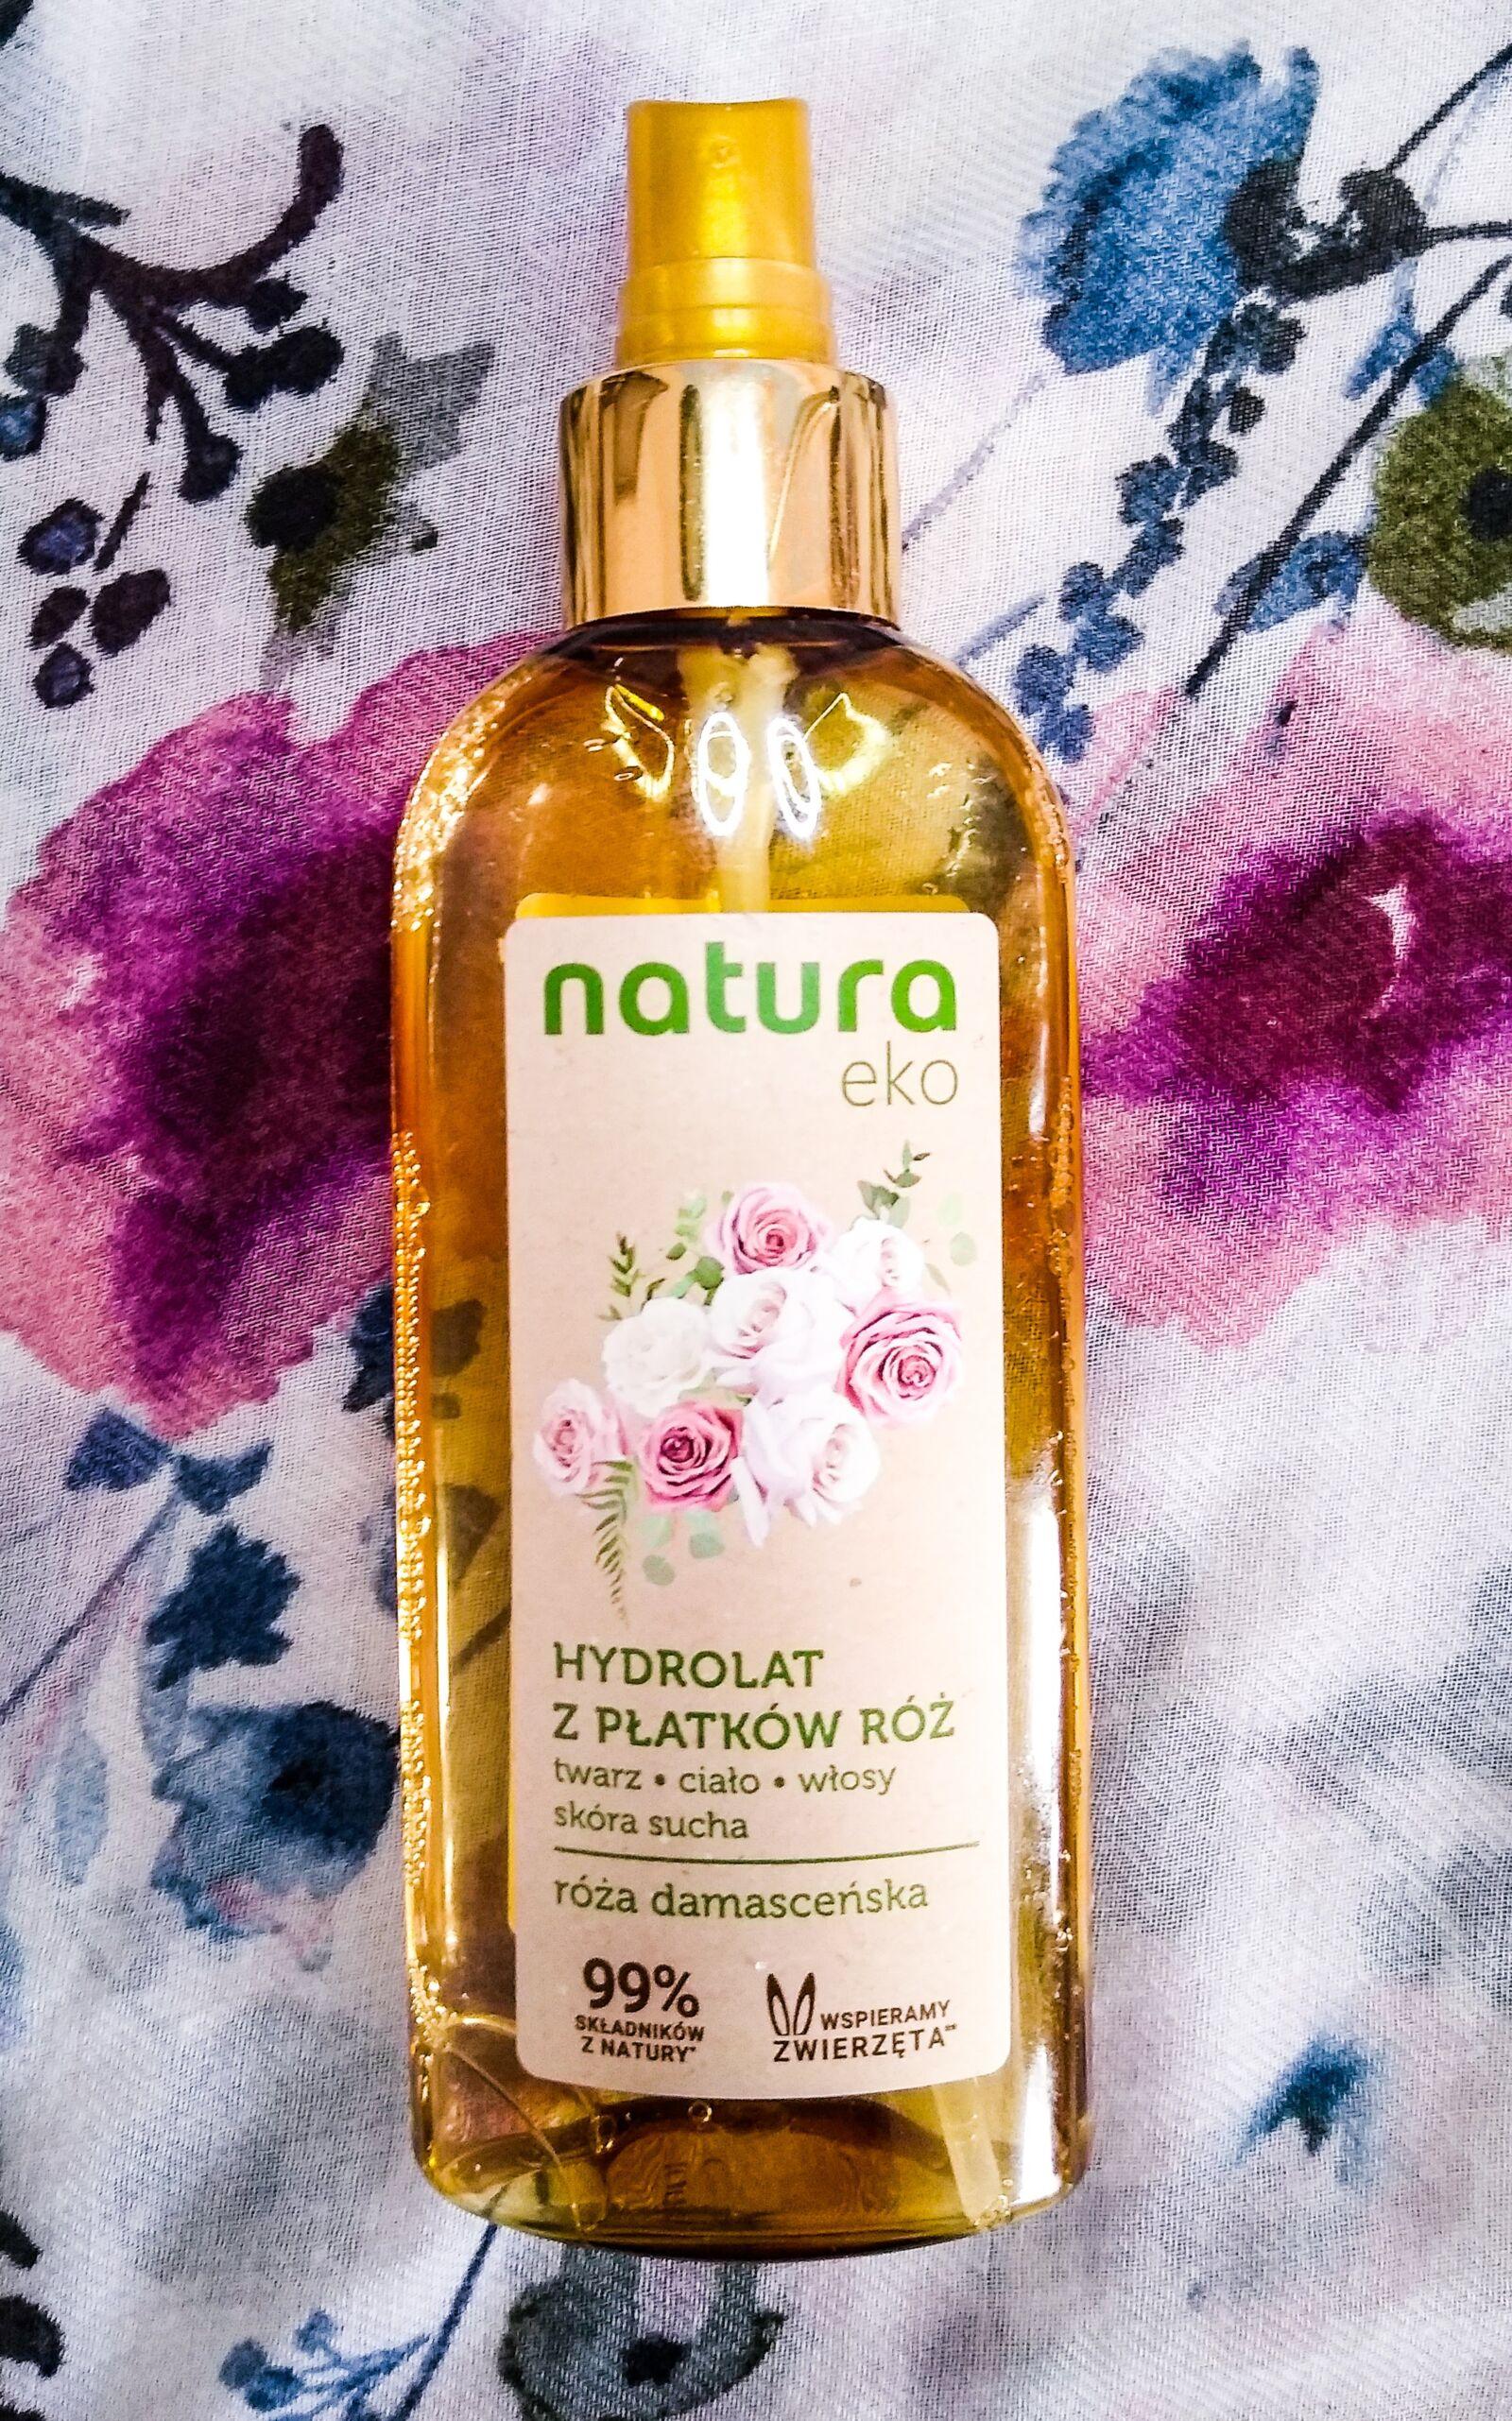 hydrolat z płatków róży Natura Eko